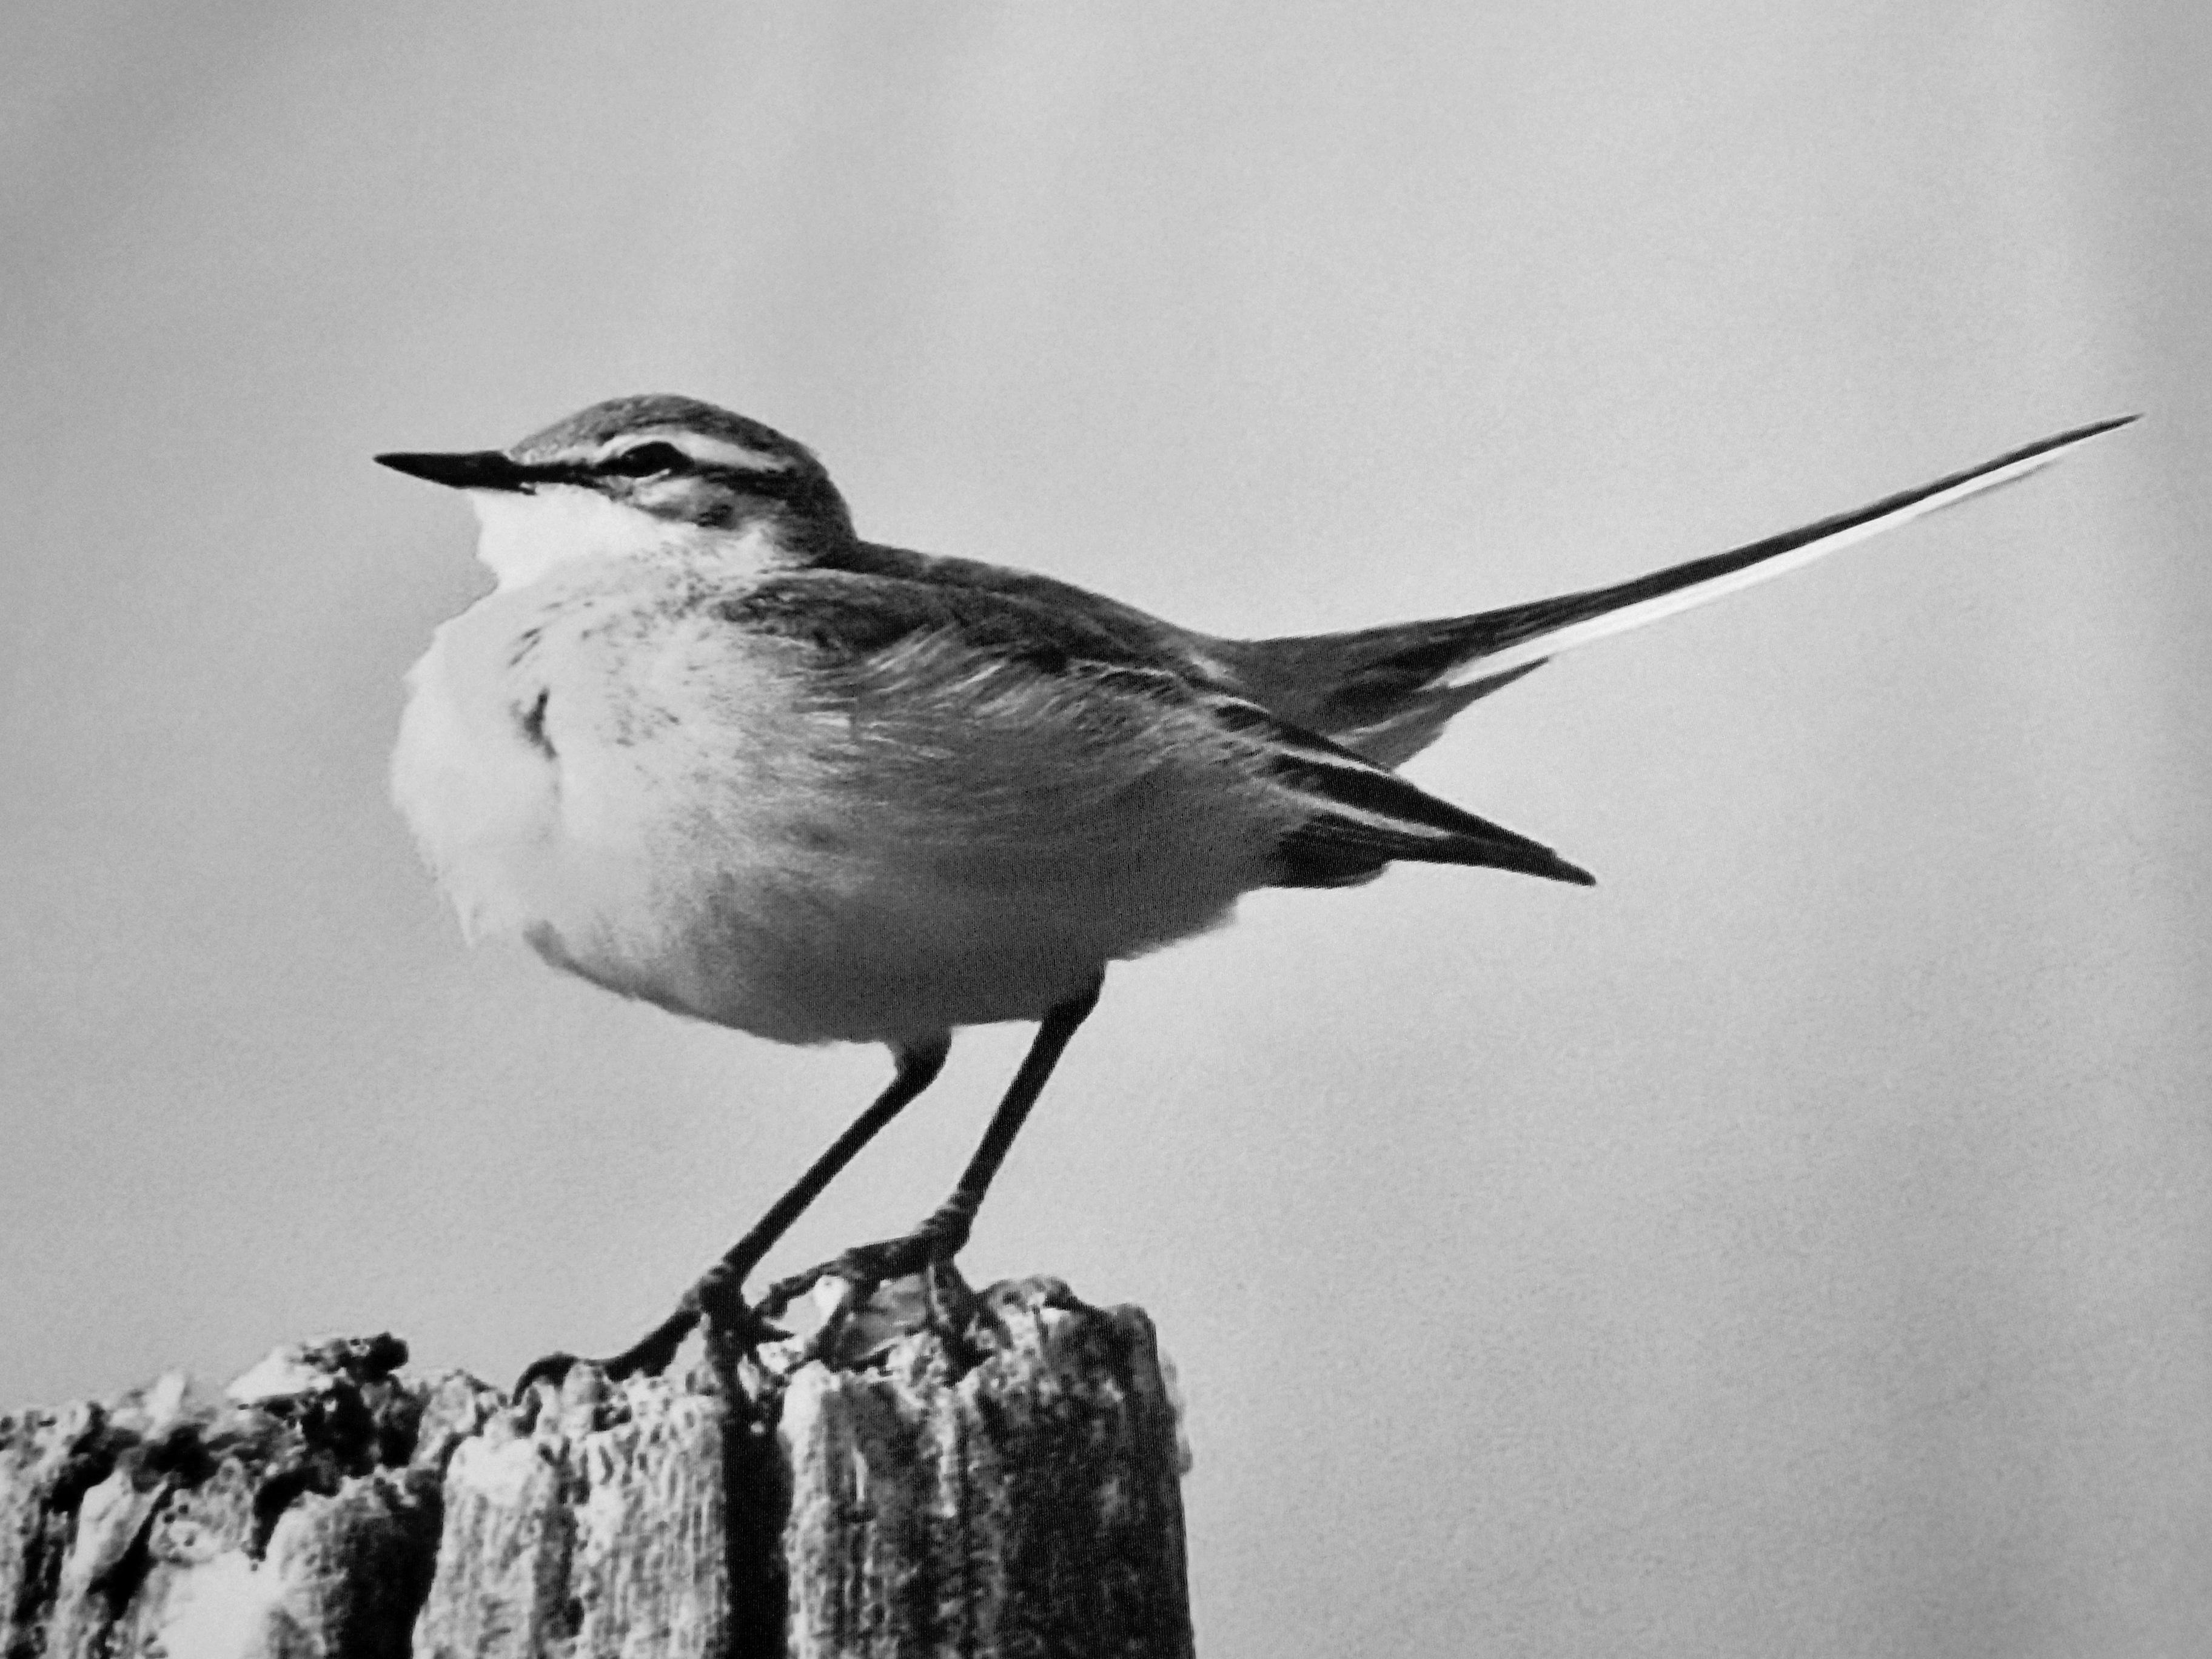 Fond Décran Dessin Des Oiseaux Monochrome La Nature